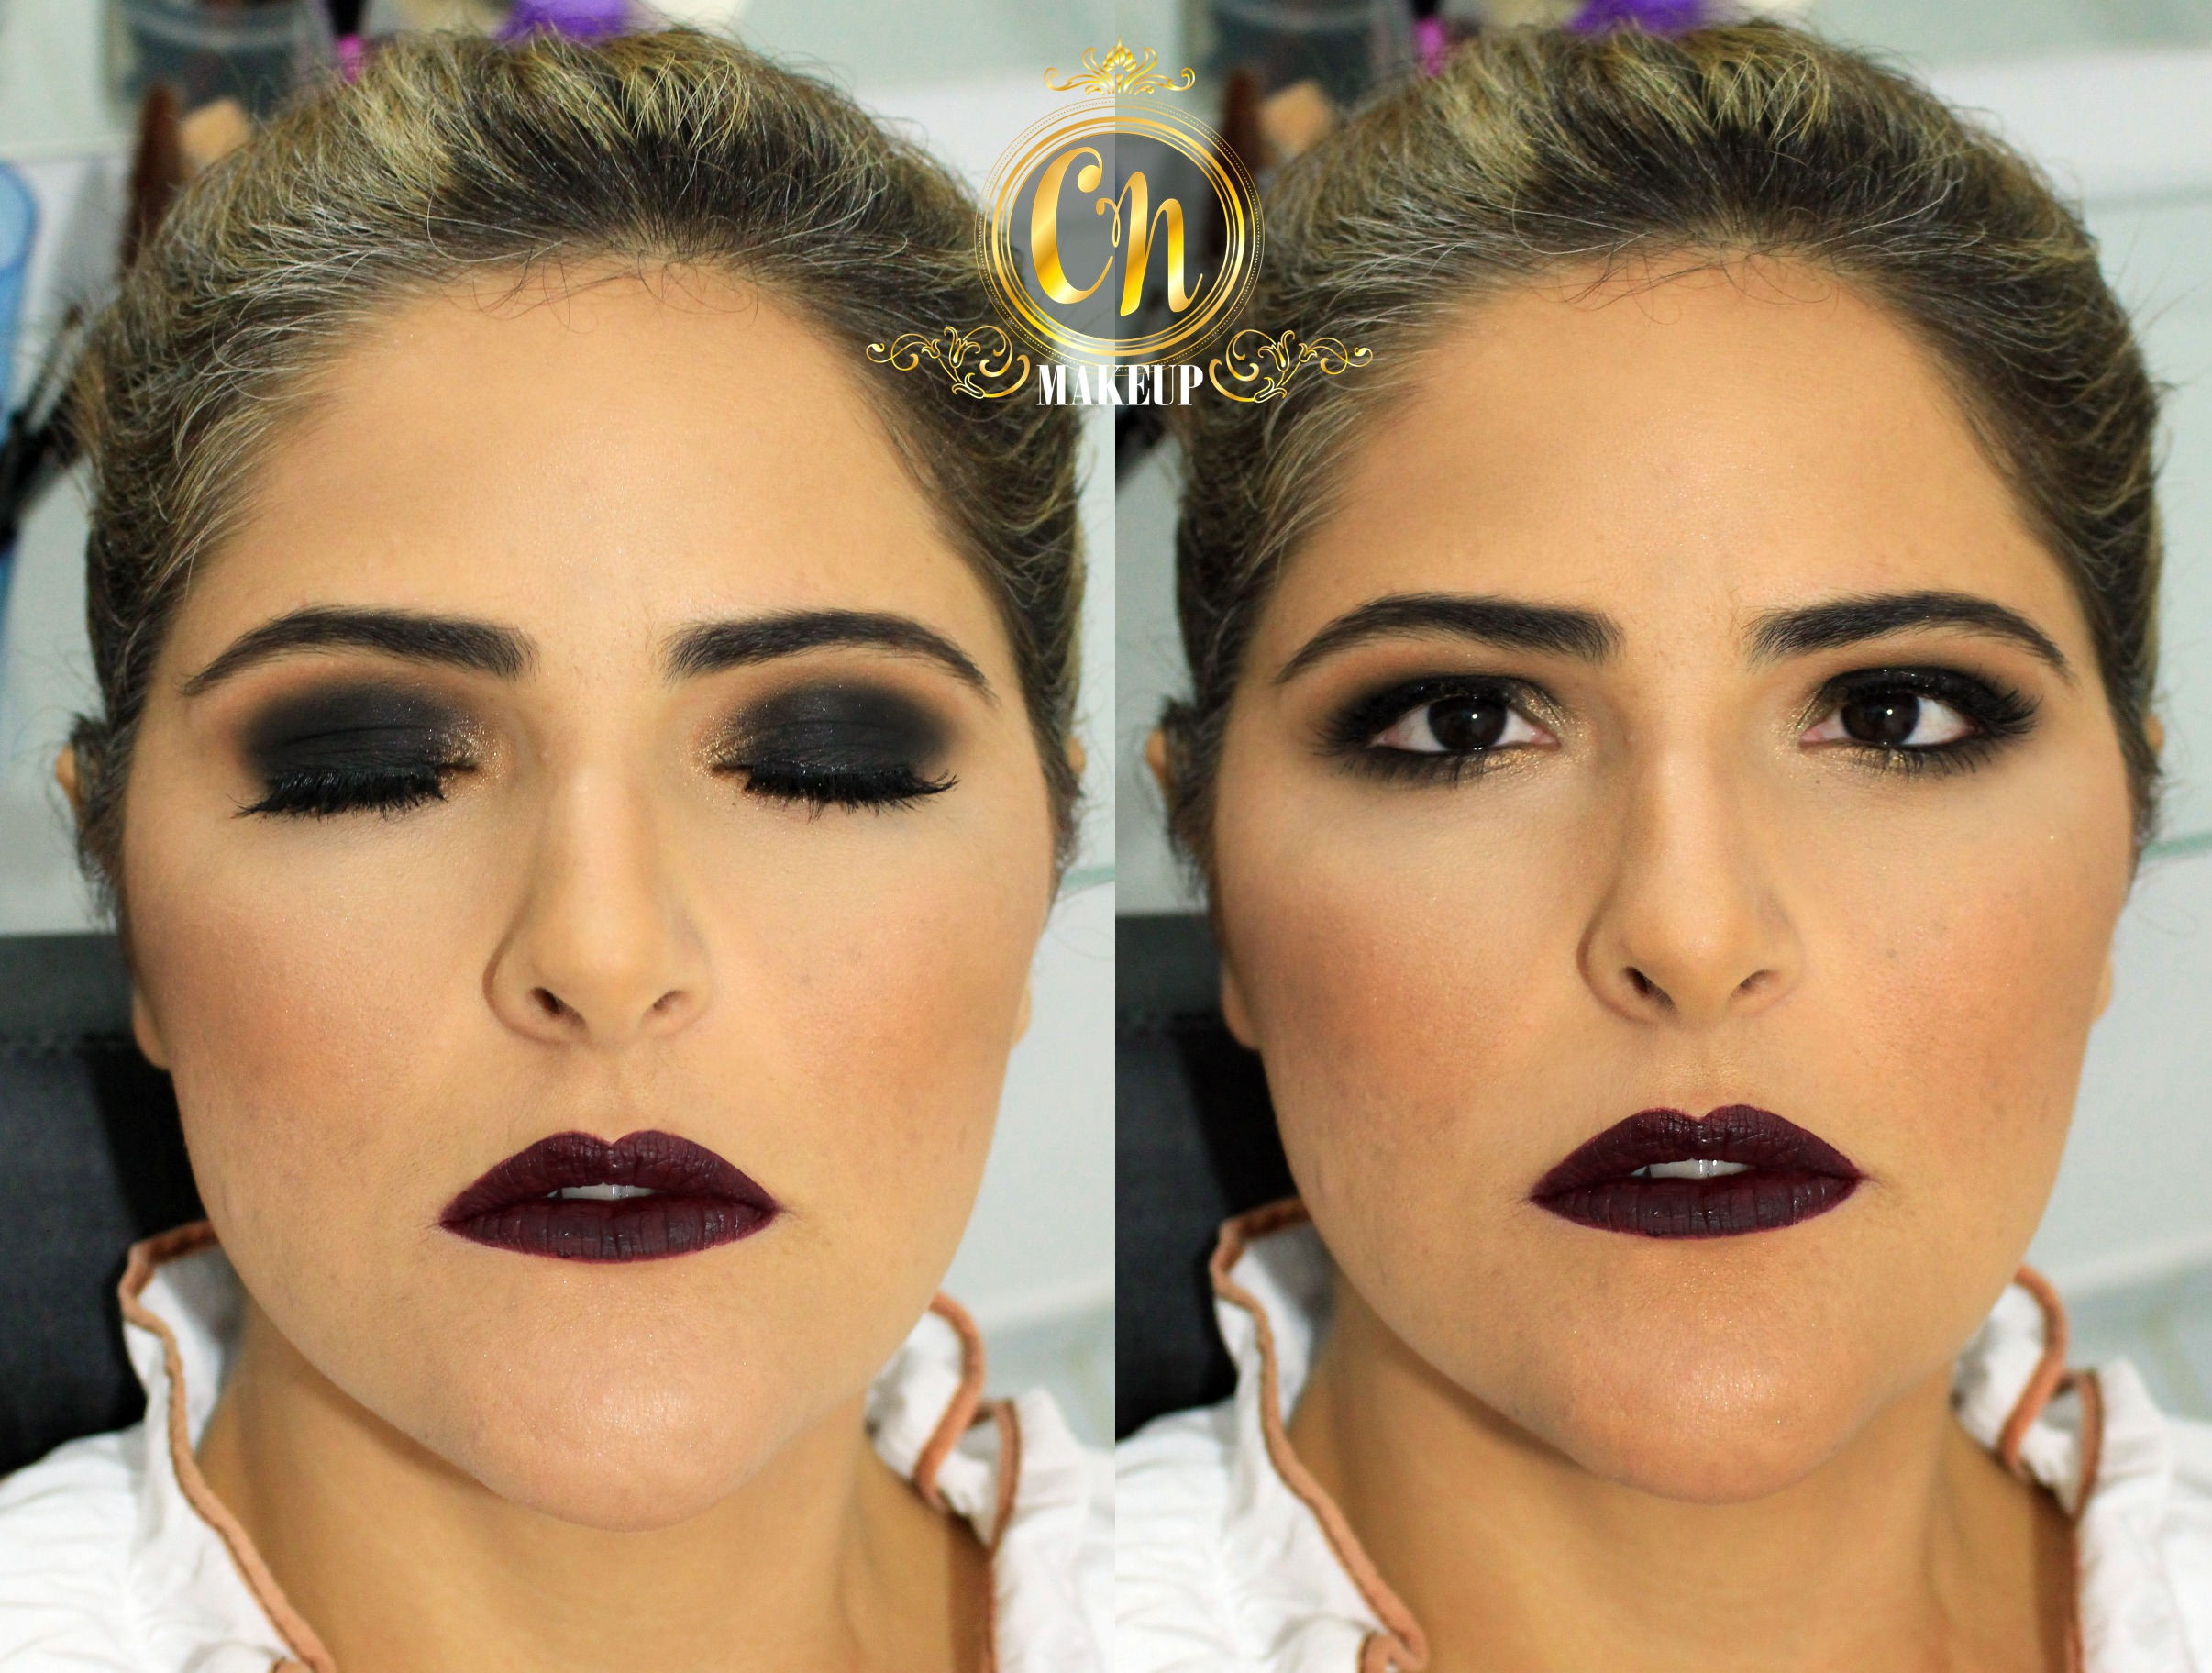 Maquiagem ousada para balada! #makeup #maquiagembalada #smokeyeye #bocaoeolhao #olhotudo #bocatudo maquiagem maquiador(a)